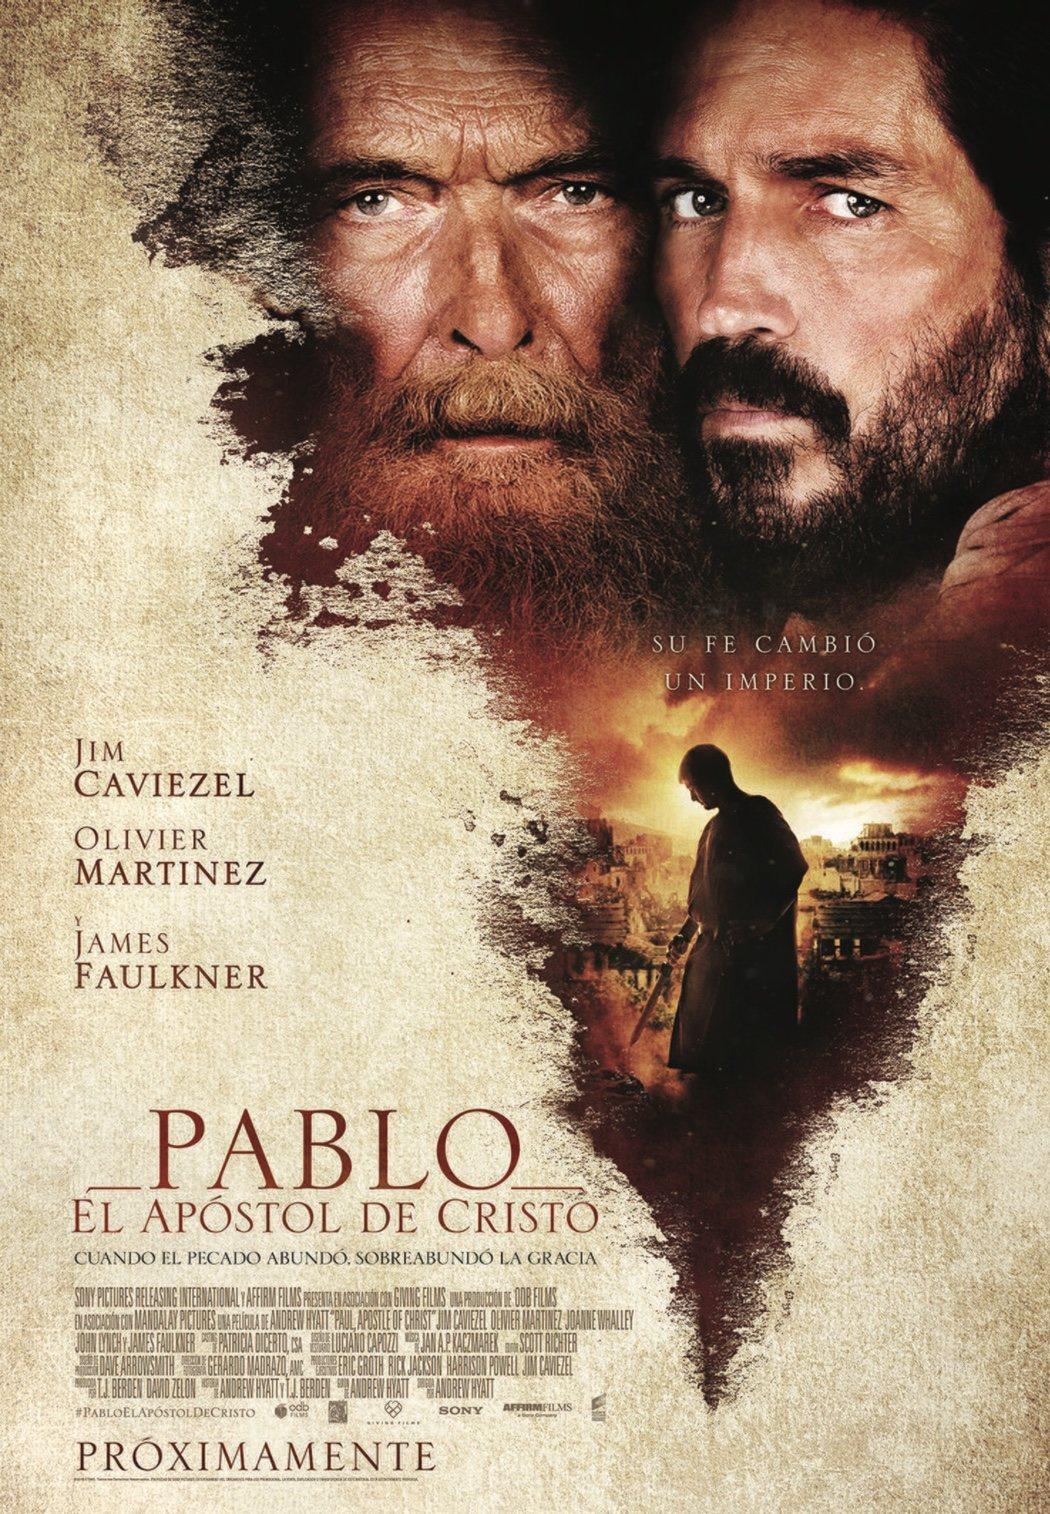 'Pablo, el apóstol de Cristo'